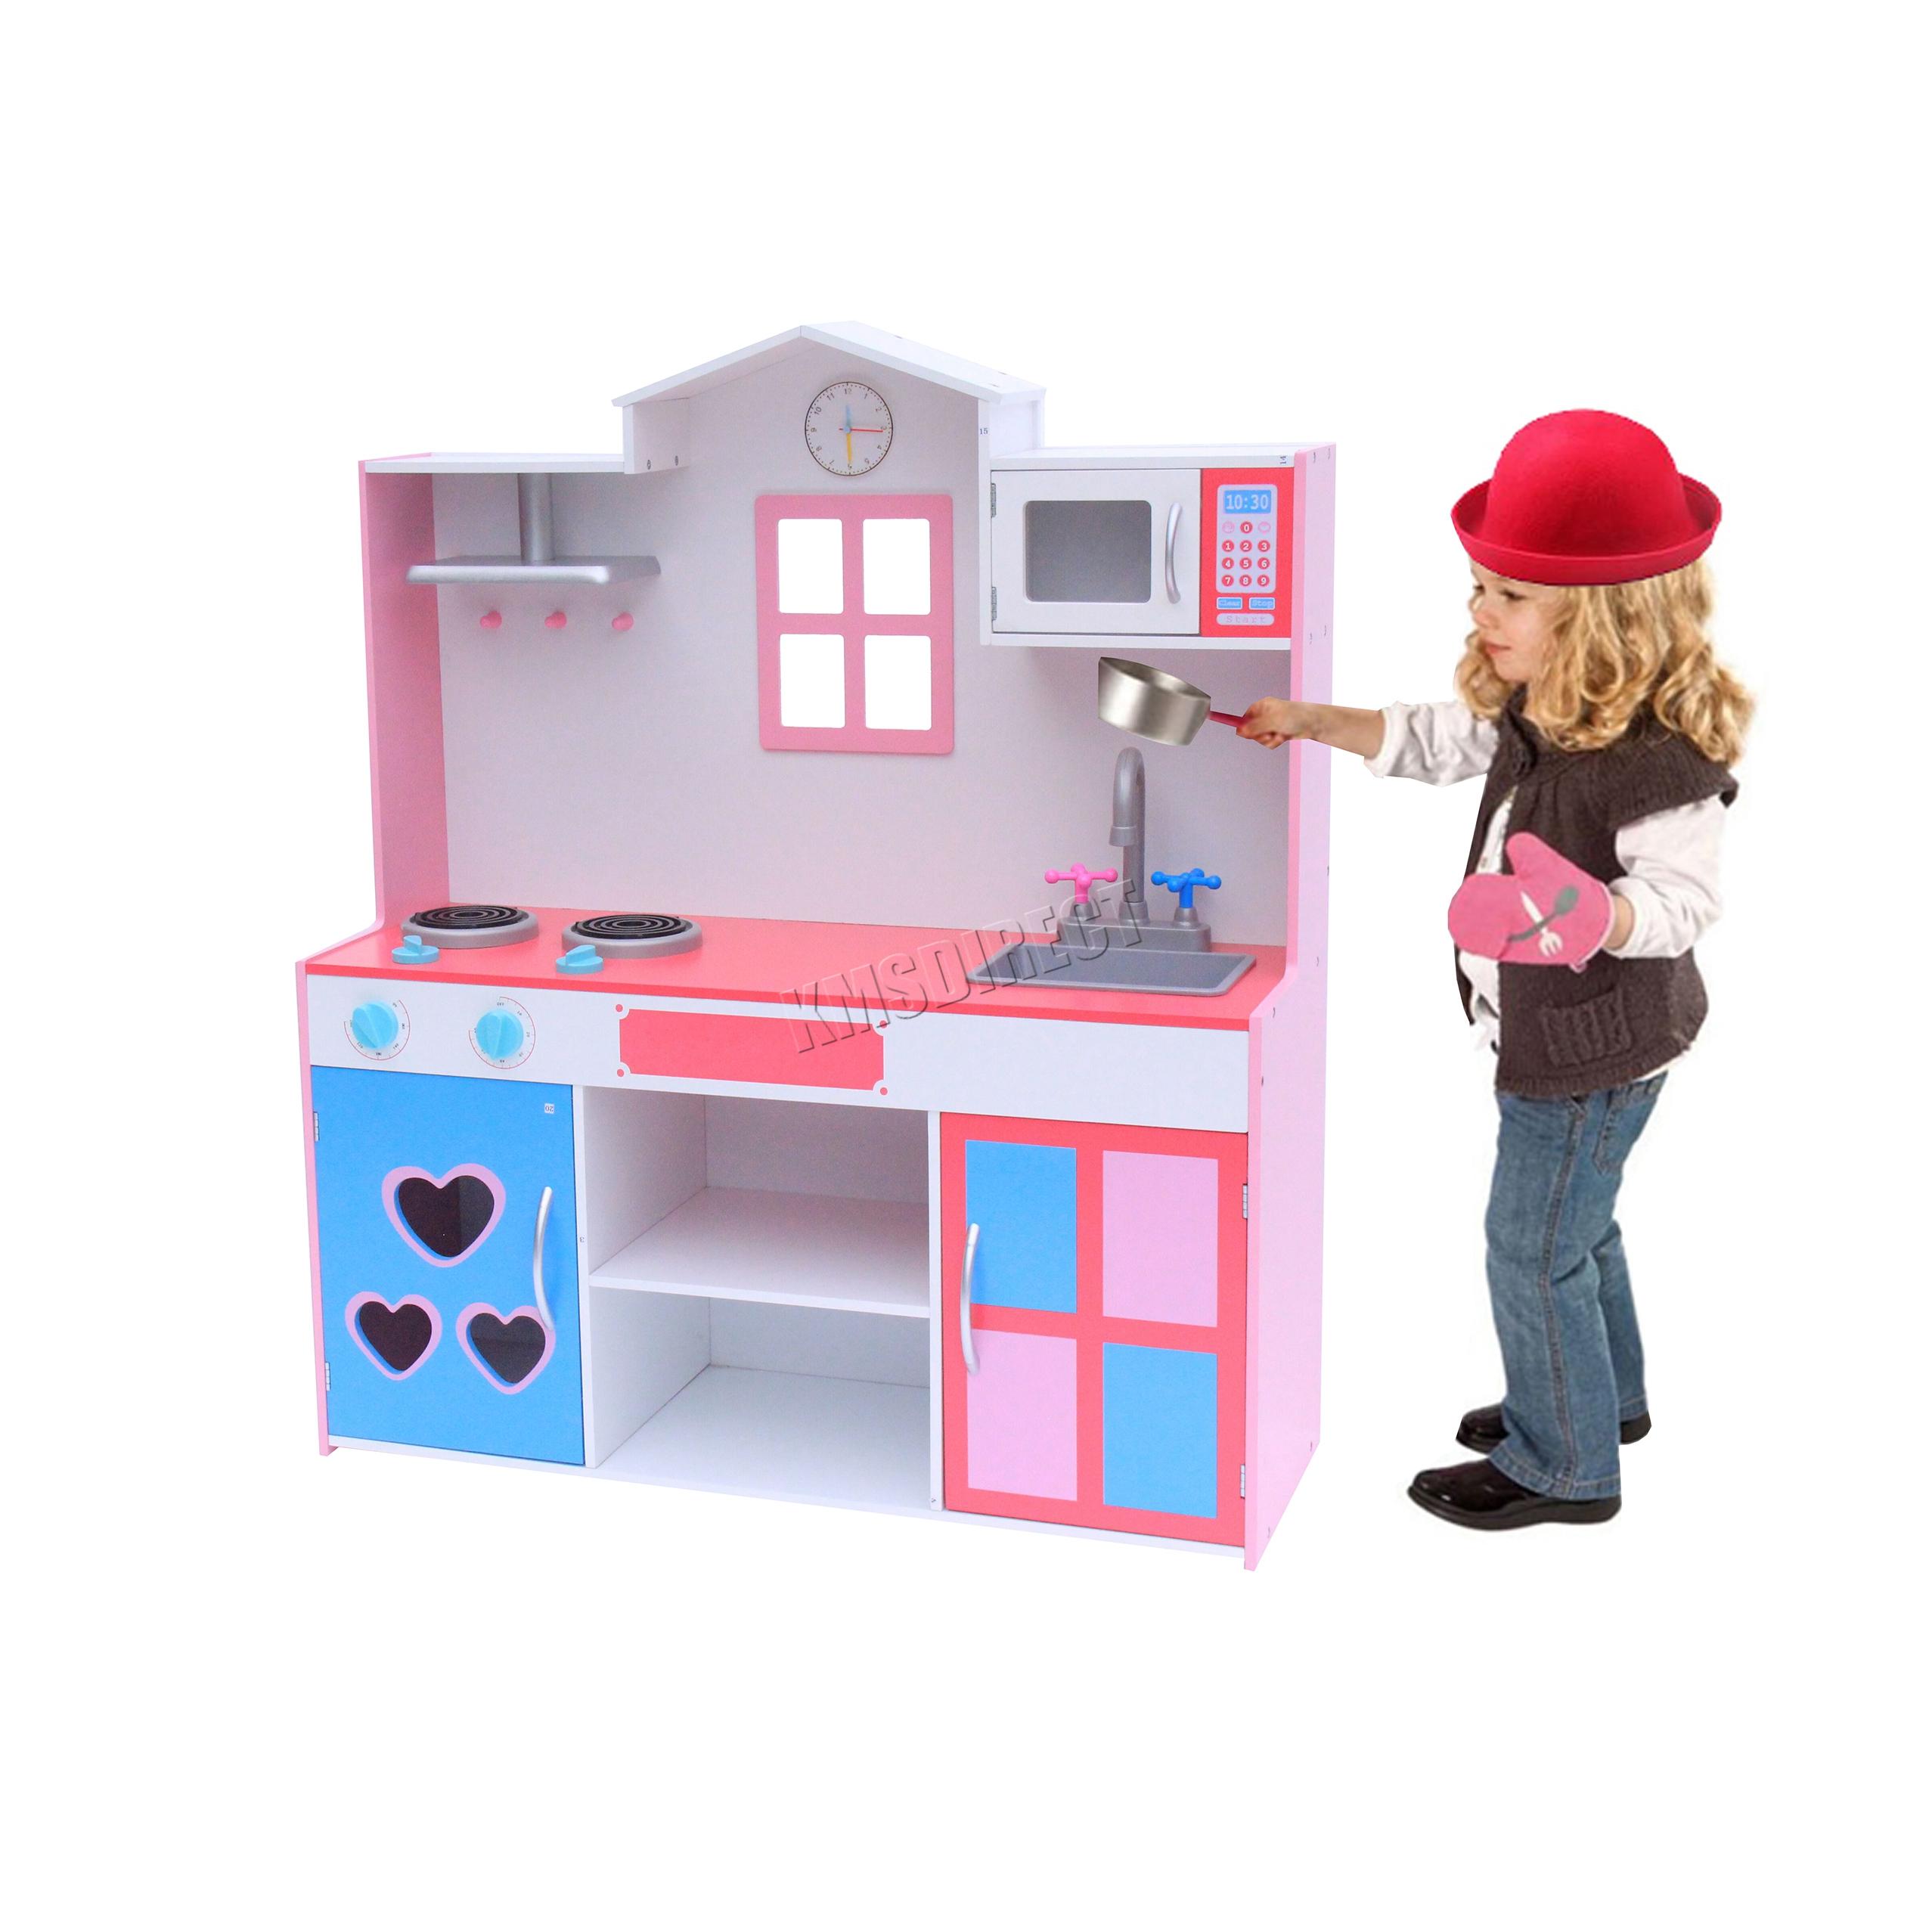 Foxhunter grande cucina in legno giochi giocattolo bambini gioco fai da te rosa ebay - Cucine fai da te in legno ...